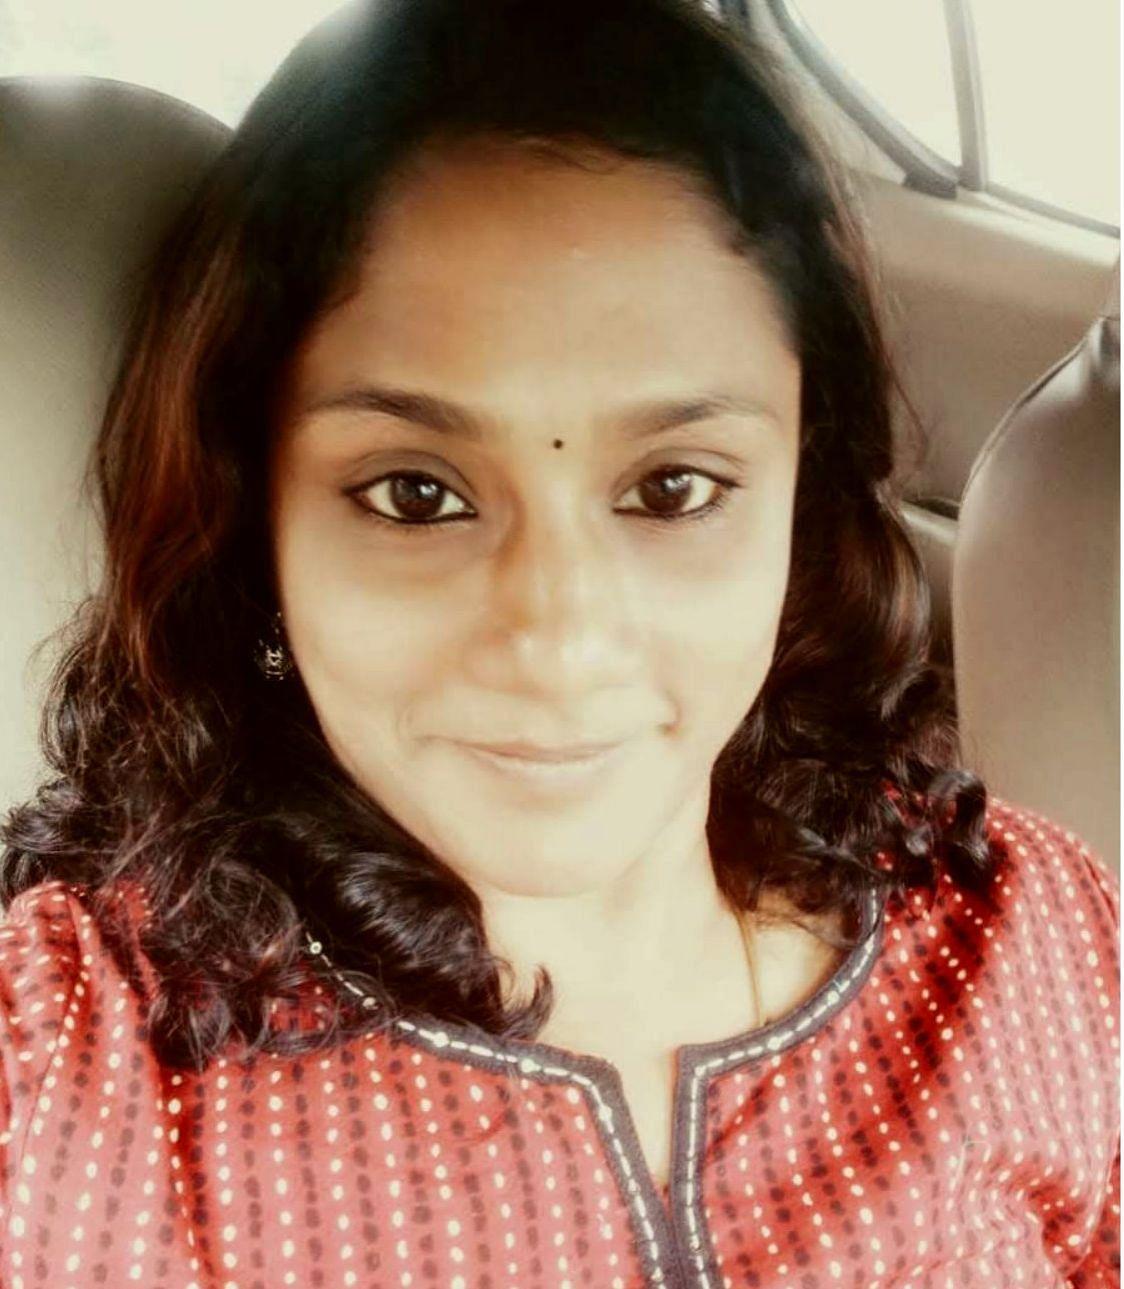 ஊட்டச்சத்து ஆலோசகர் சங்கீதா